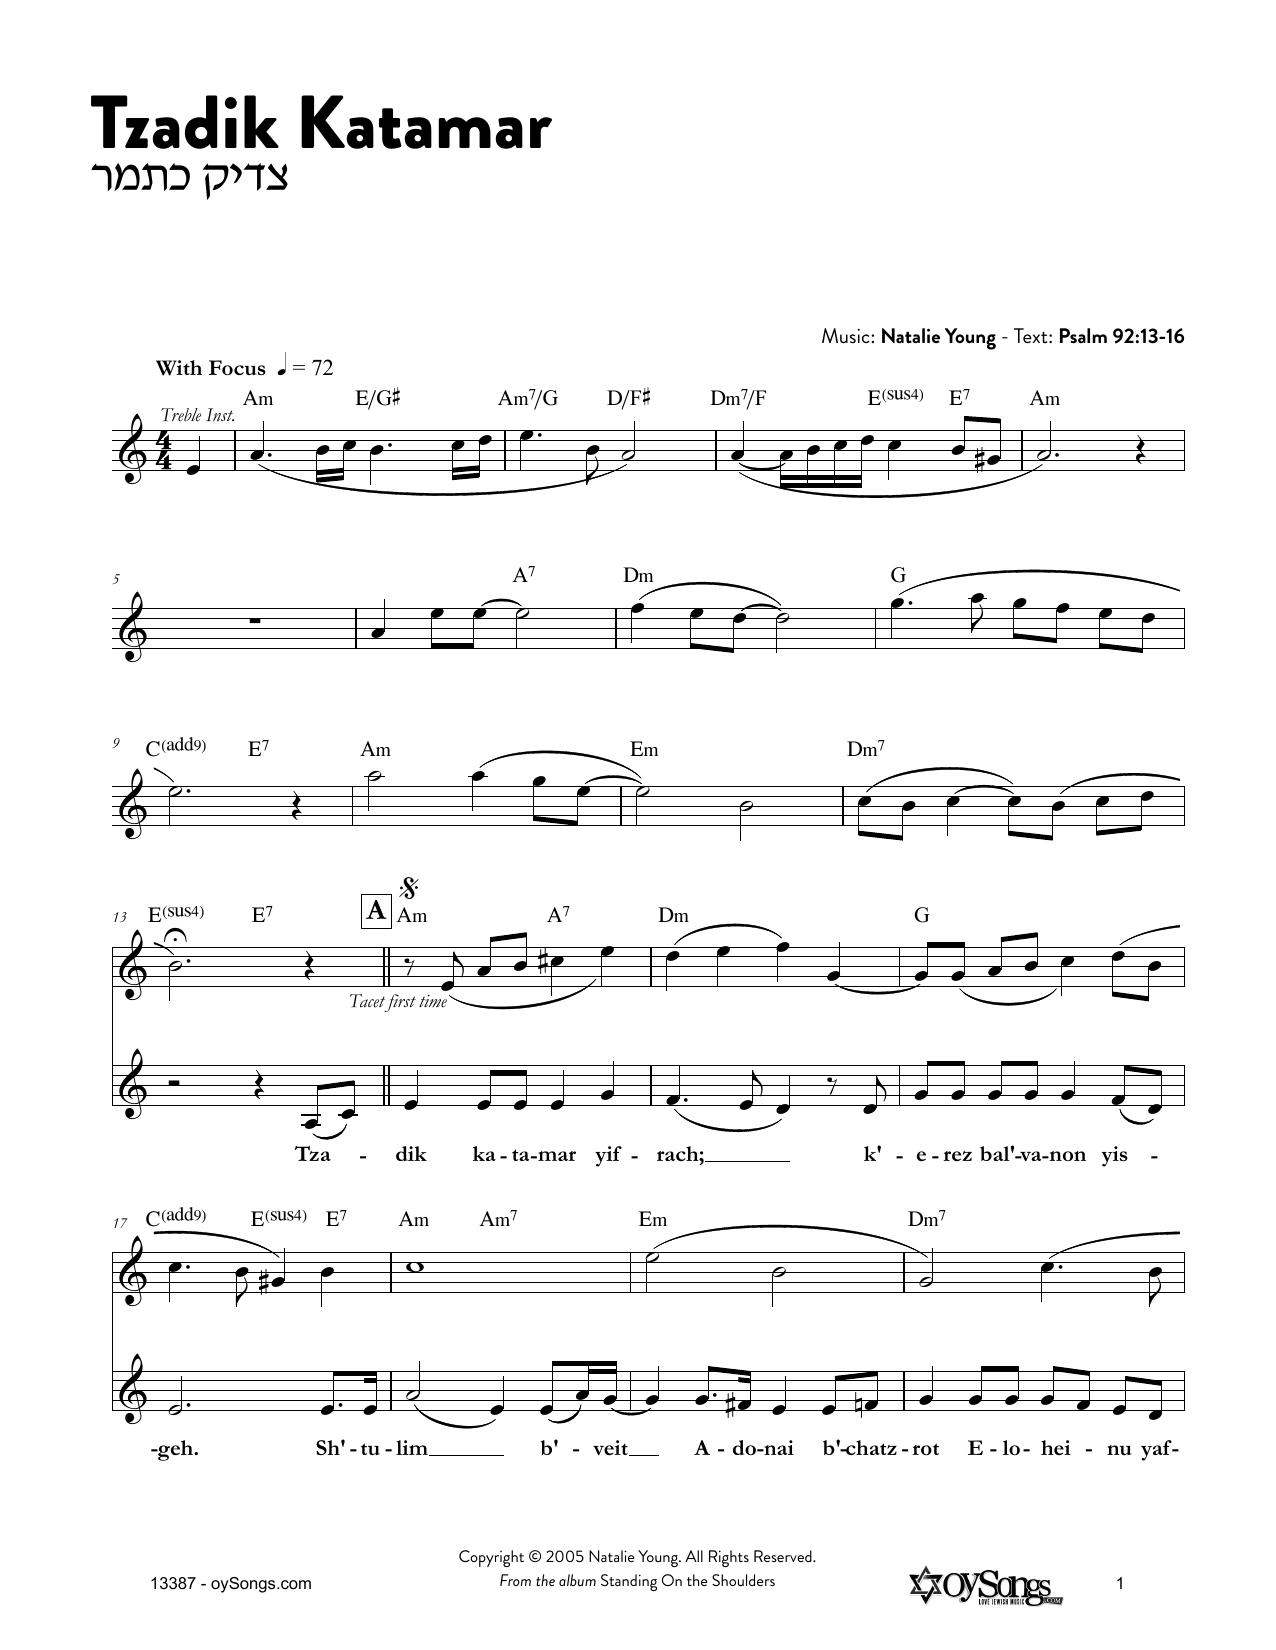 Tzadik Katamar Sheet Music